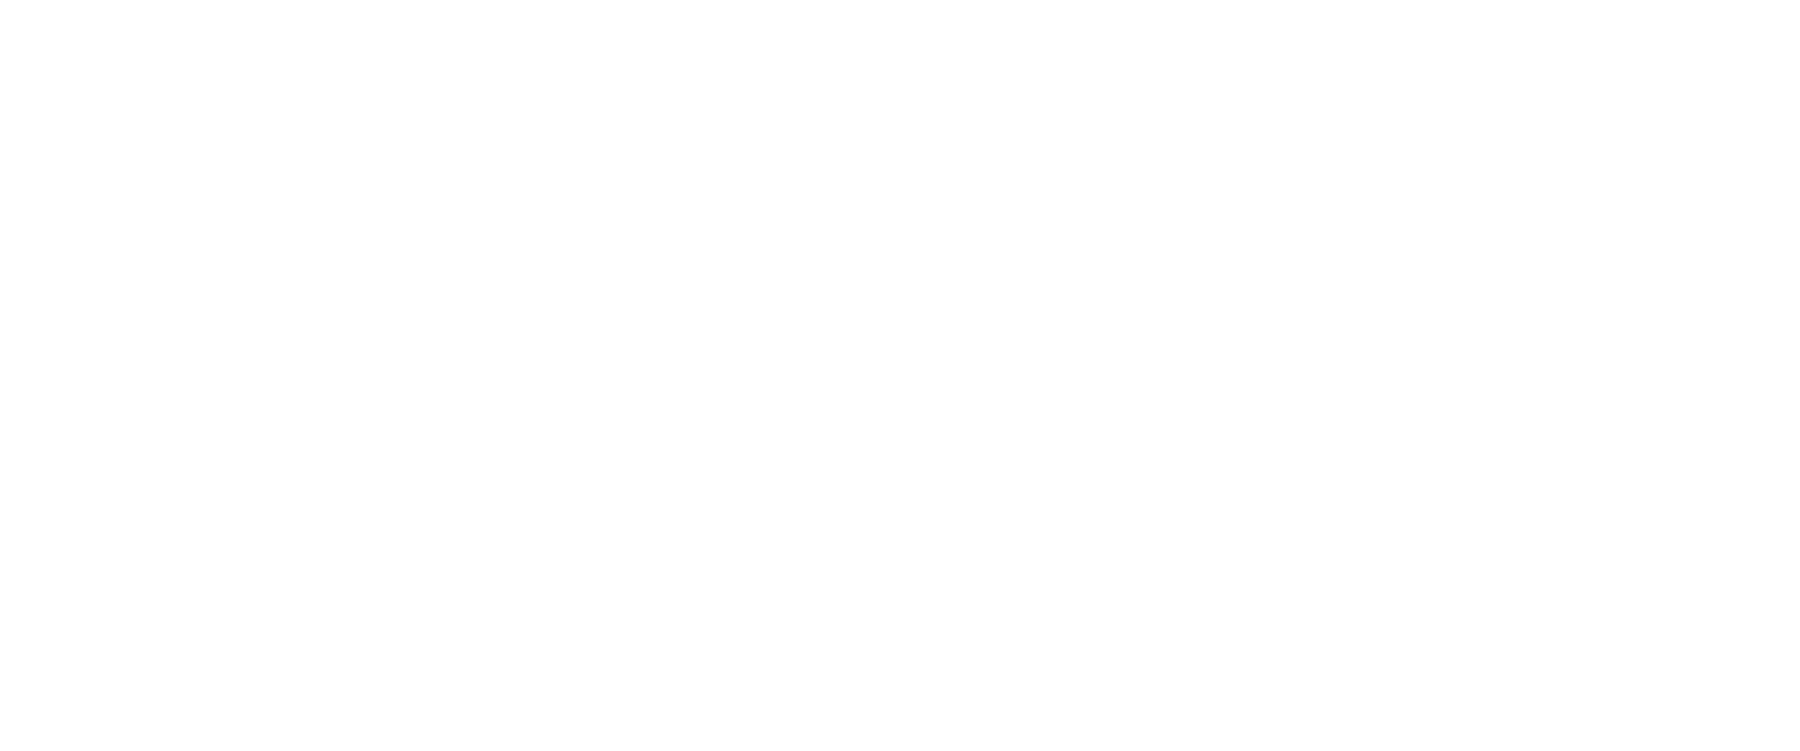 Align white logo for dark background Pasc_AlignLogo-4Whi-6in1